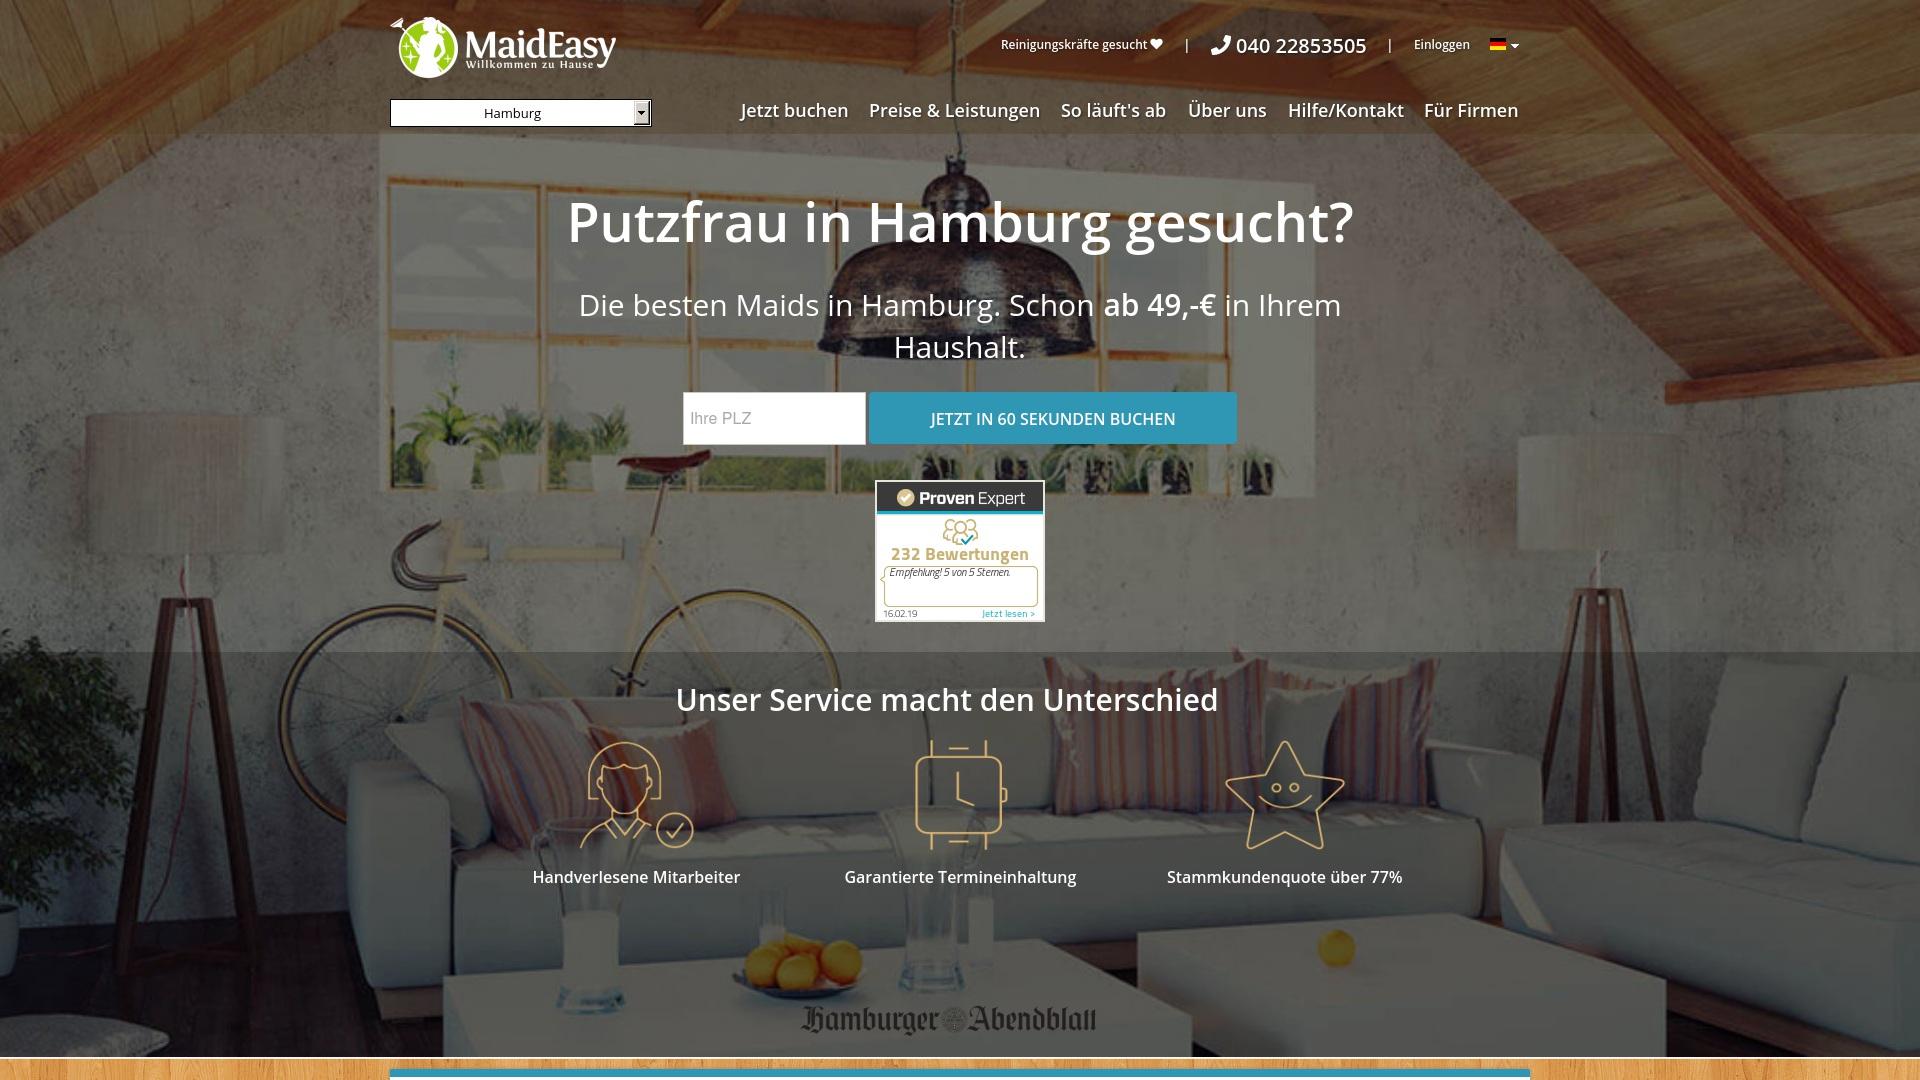 Gutschein für Maideasy: Rabatte für  Maideasy sichern